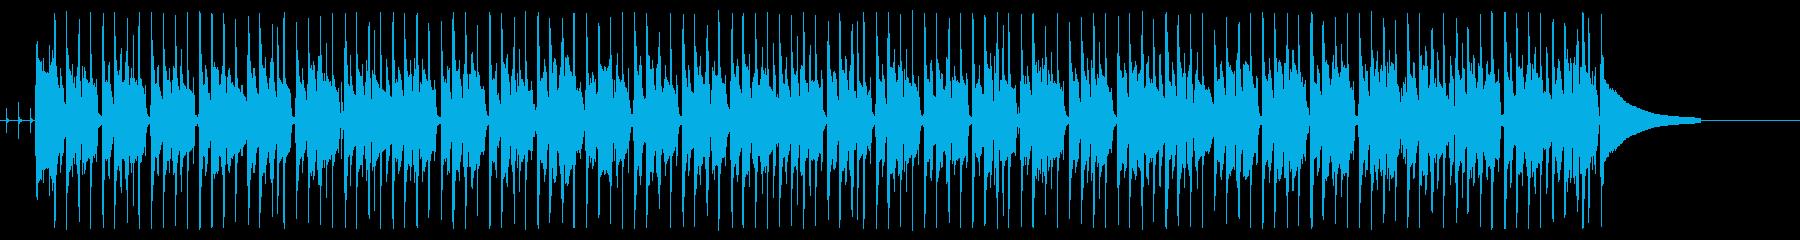 使いやすいファンク タンバリン無し版の再生済みの波形